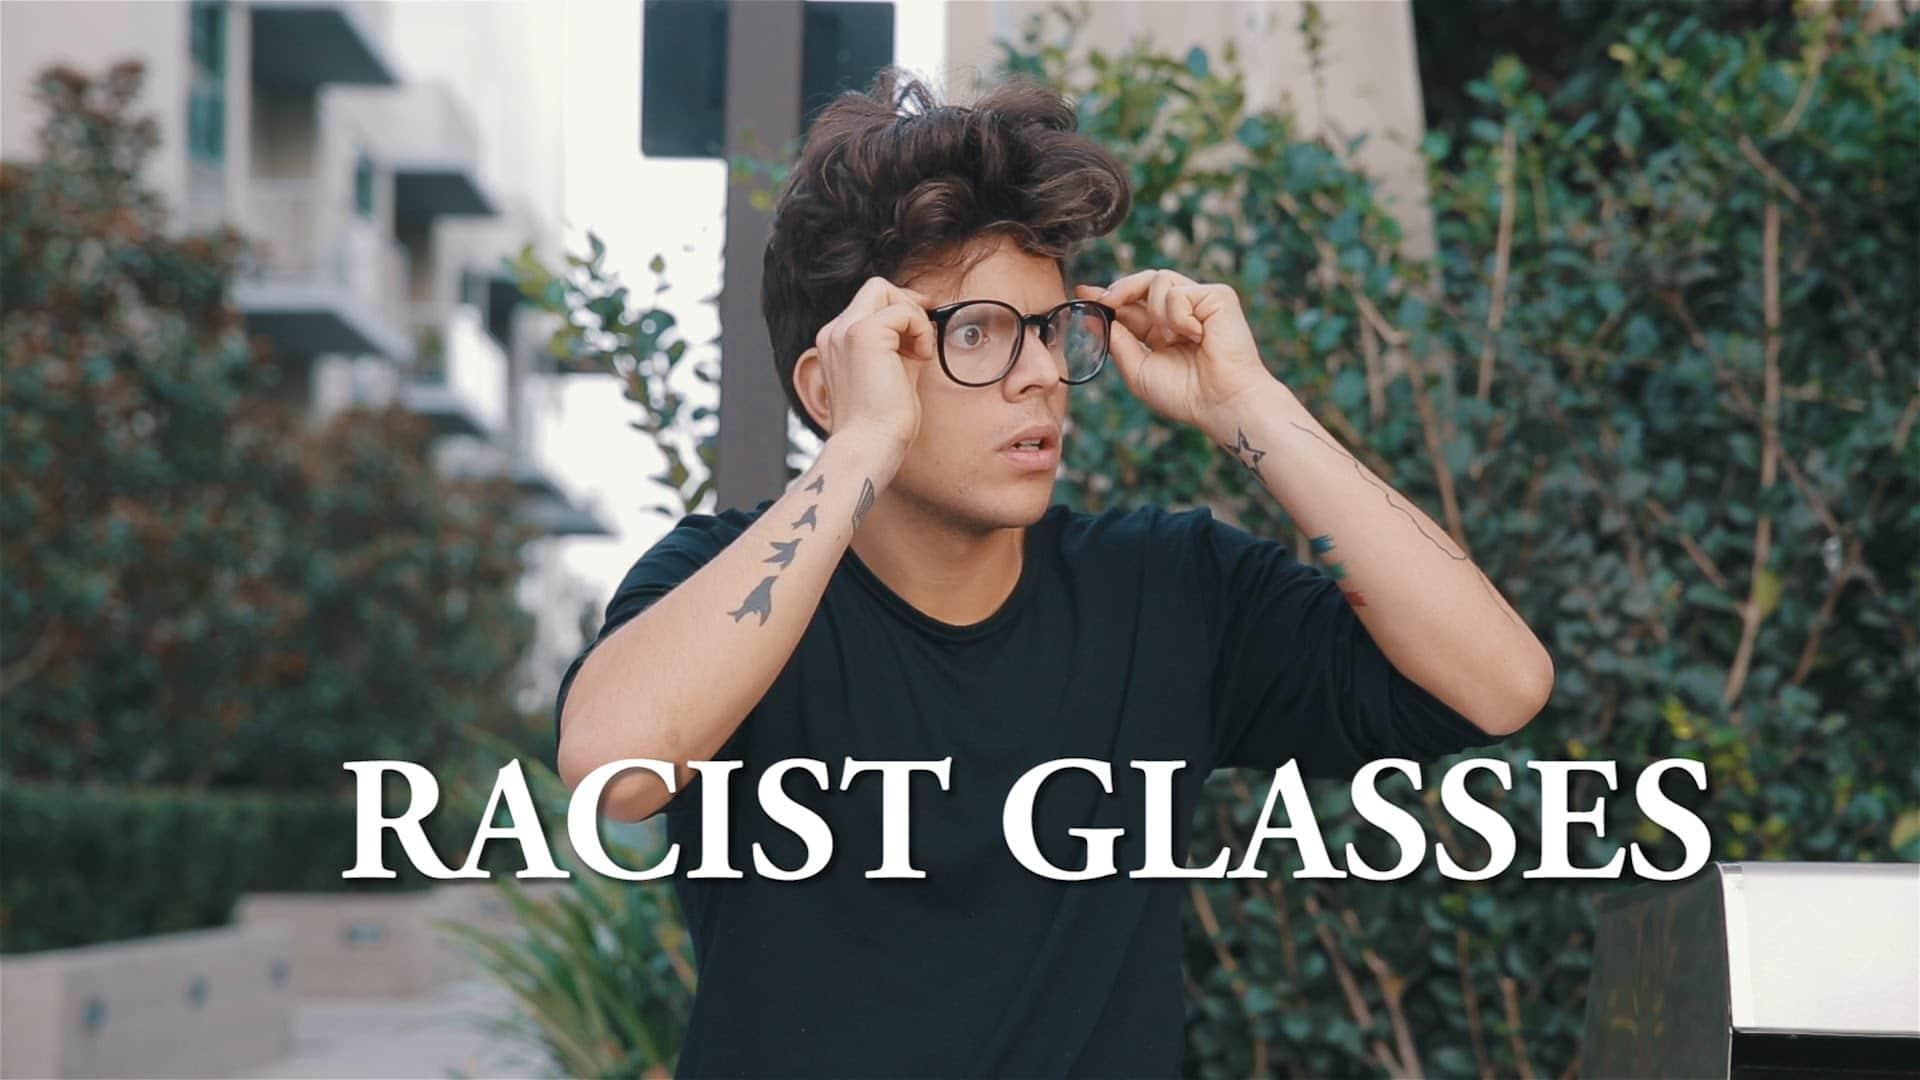 lunettes raciste